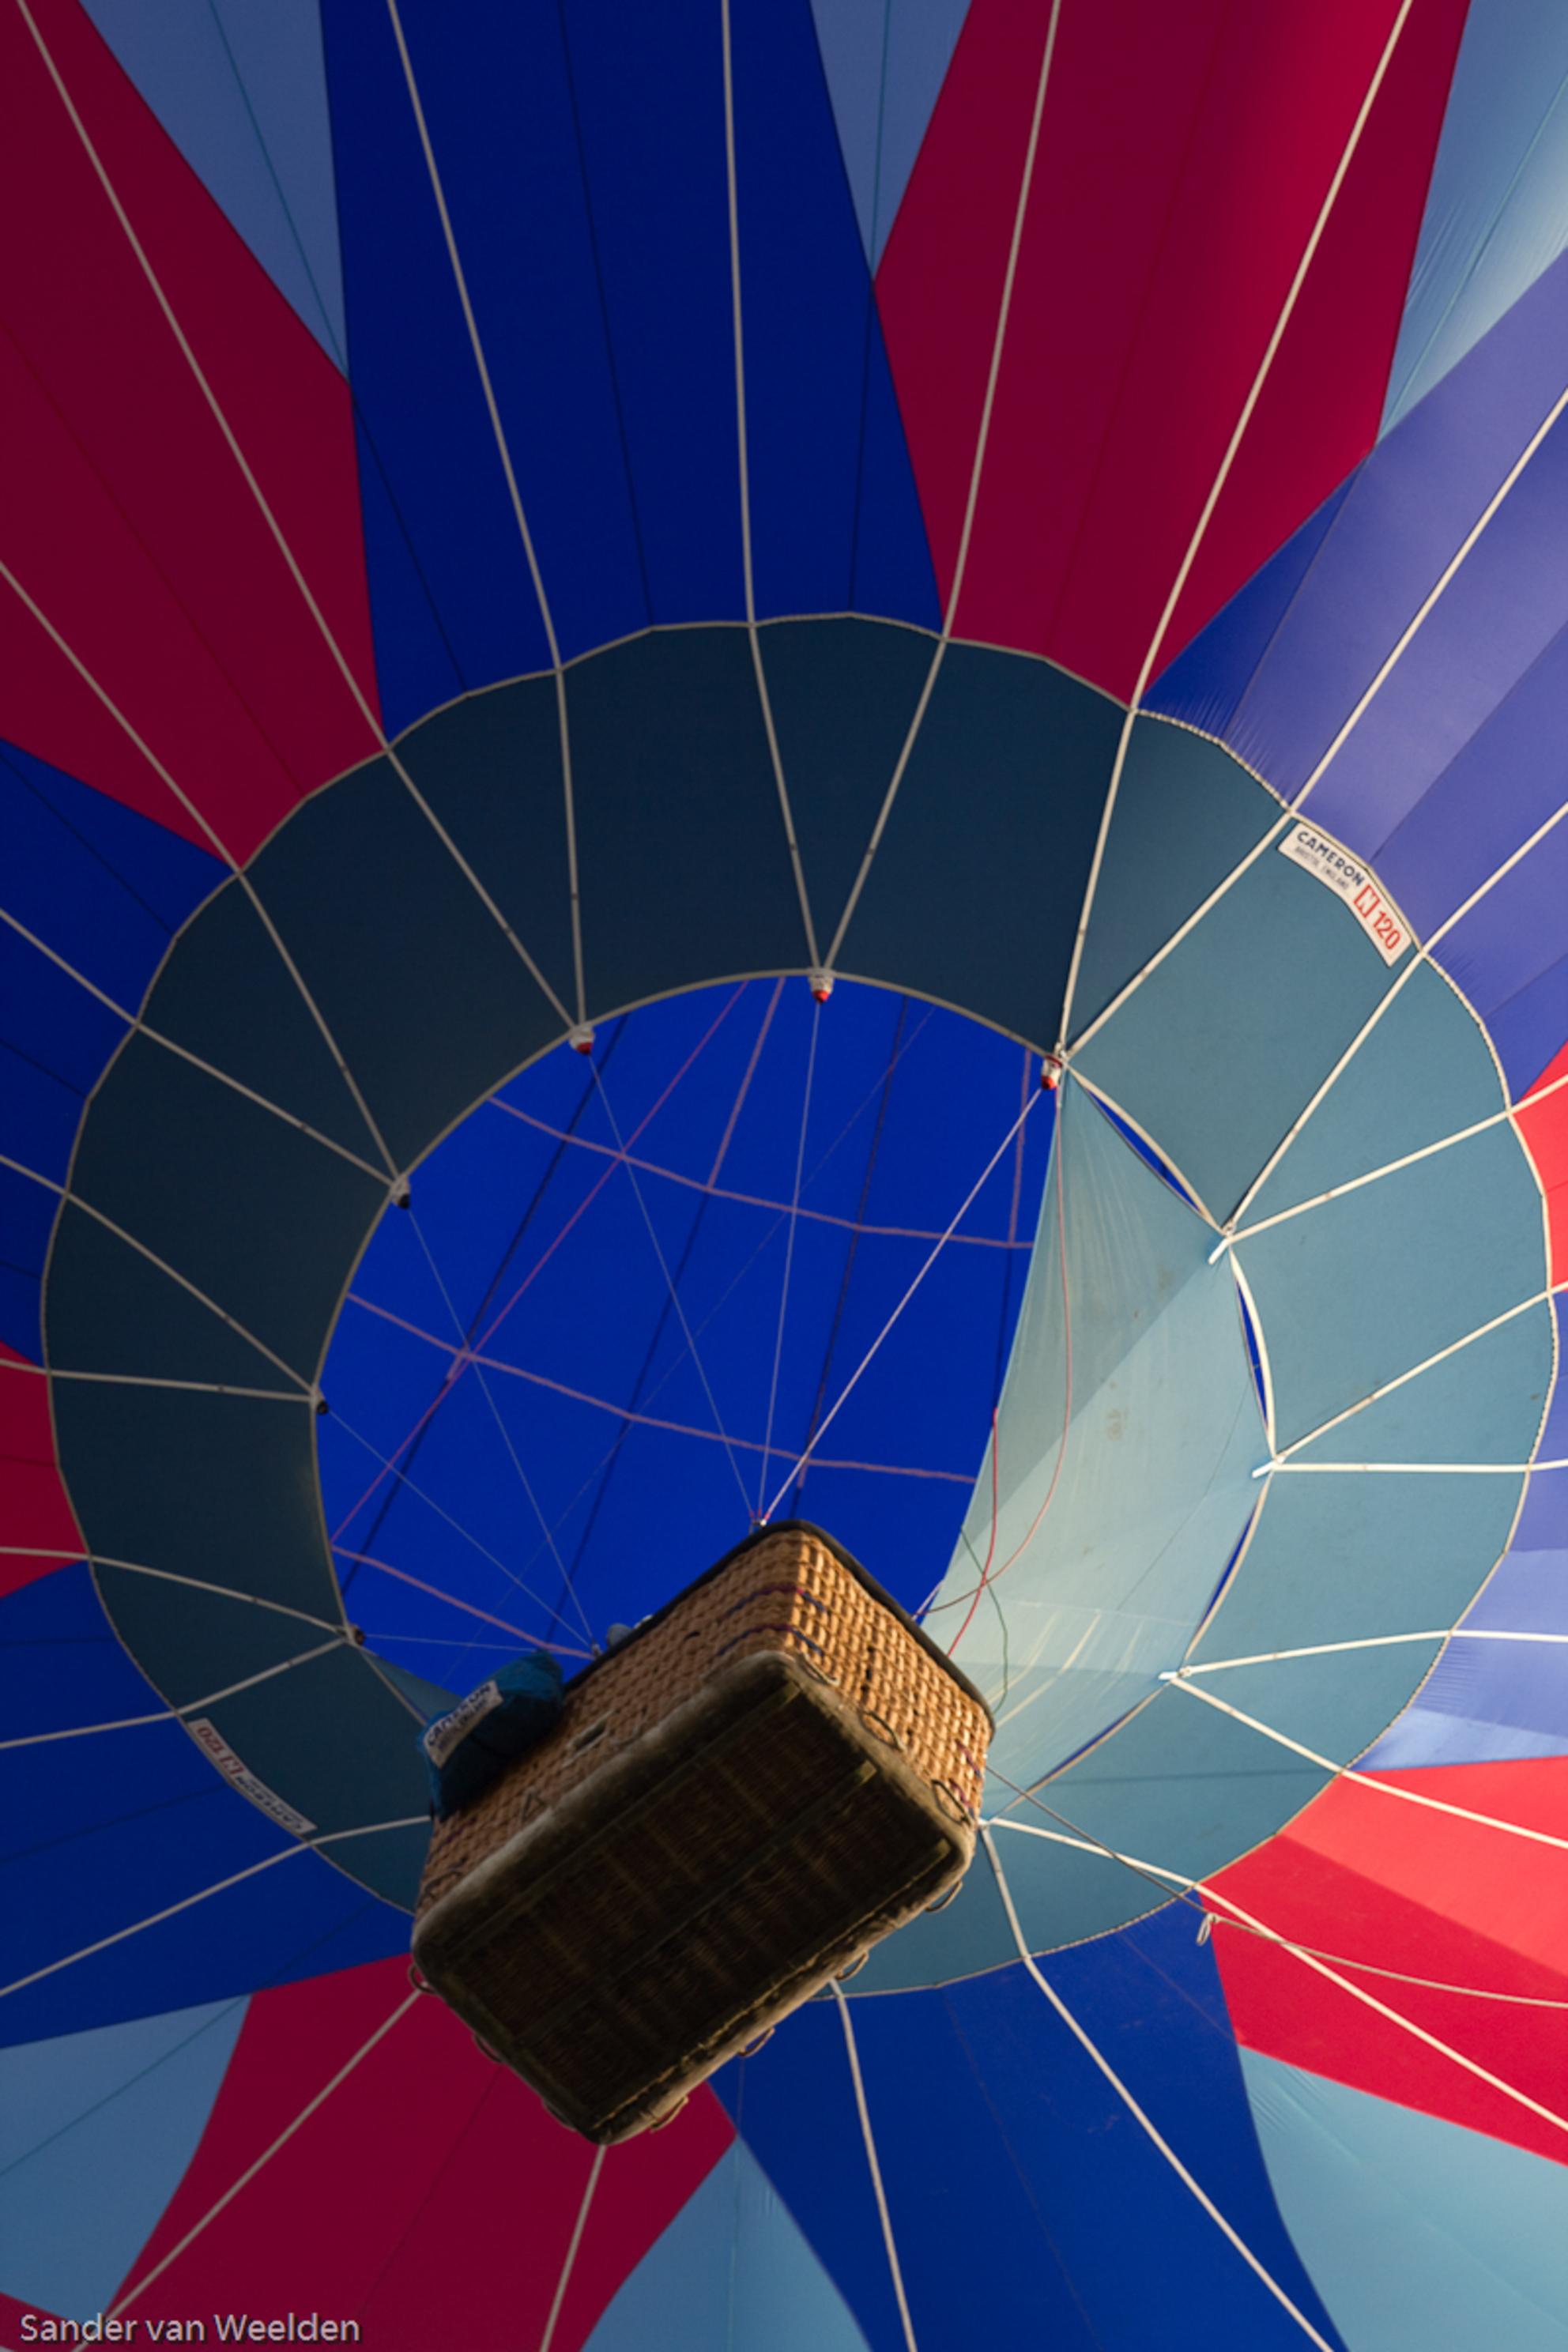 Kleurrijk reizen - Luchtballon met mooie kleuren vlak na opstijgen. - foto door smweelden op 04-04-2012 - deze foto bevat: kleuren, rood, kleur, blauw, ballon, fel, kleurrijk, mand - Deze foto mag gebruikt worden in een Zoom.nl publicatie